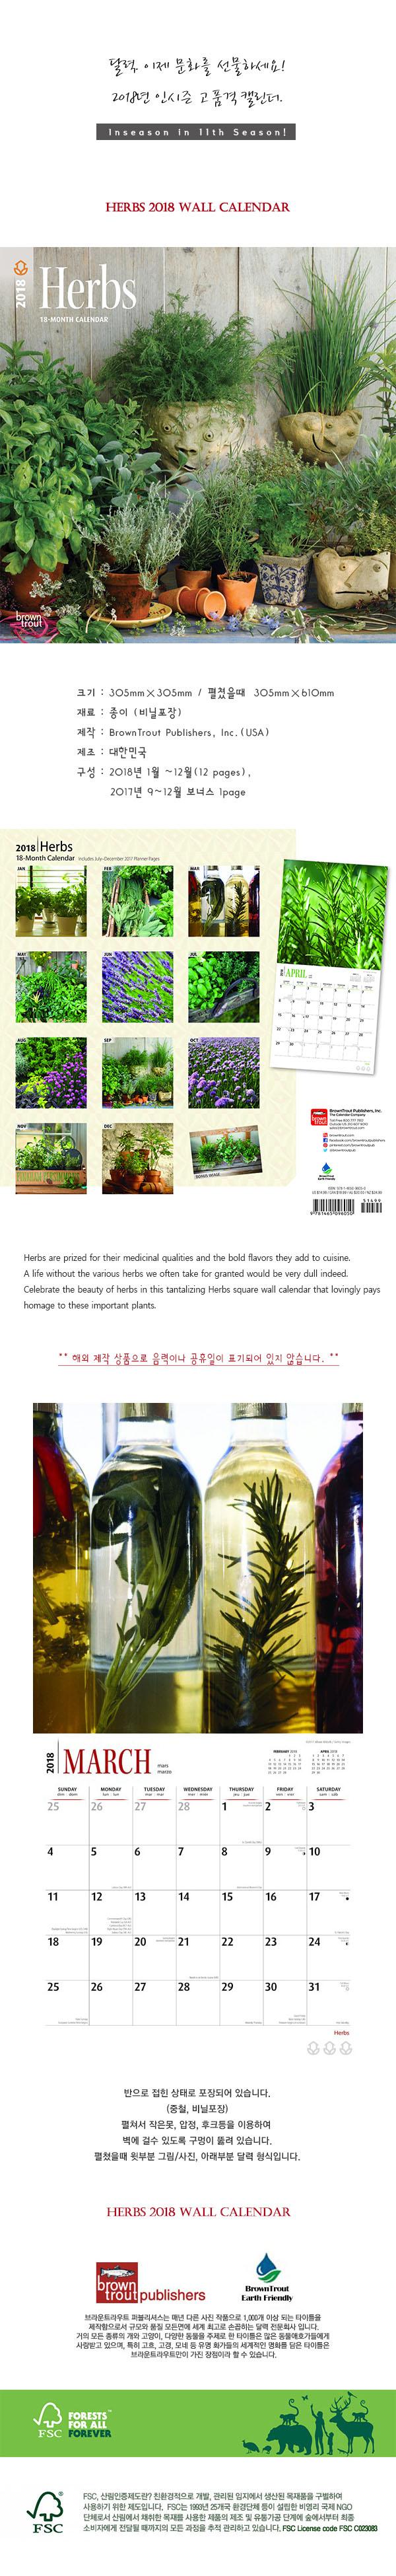 2018 캘린더 허브 Herbs16,000원-브라운트라우트디자인문구, 다이어리/캘린더, 캘린더, 벽걸이캘린더바보사랑2018 캘린더 허브 Herbs16,000원-브라운트라우트디자인문구, 다이어리/캘린더, 캘린더, 벽걸이캘린더바보사랑